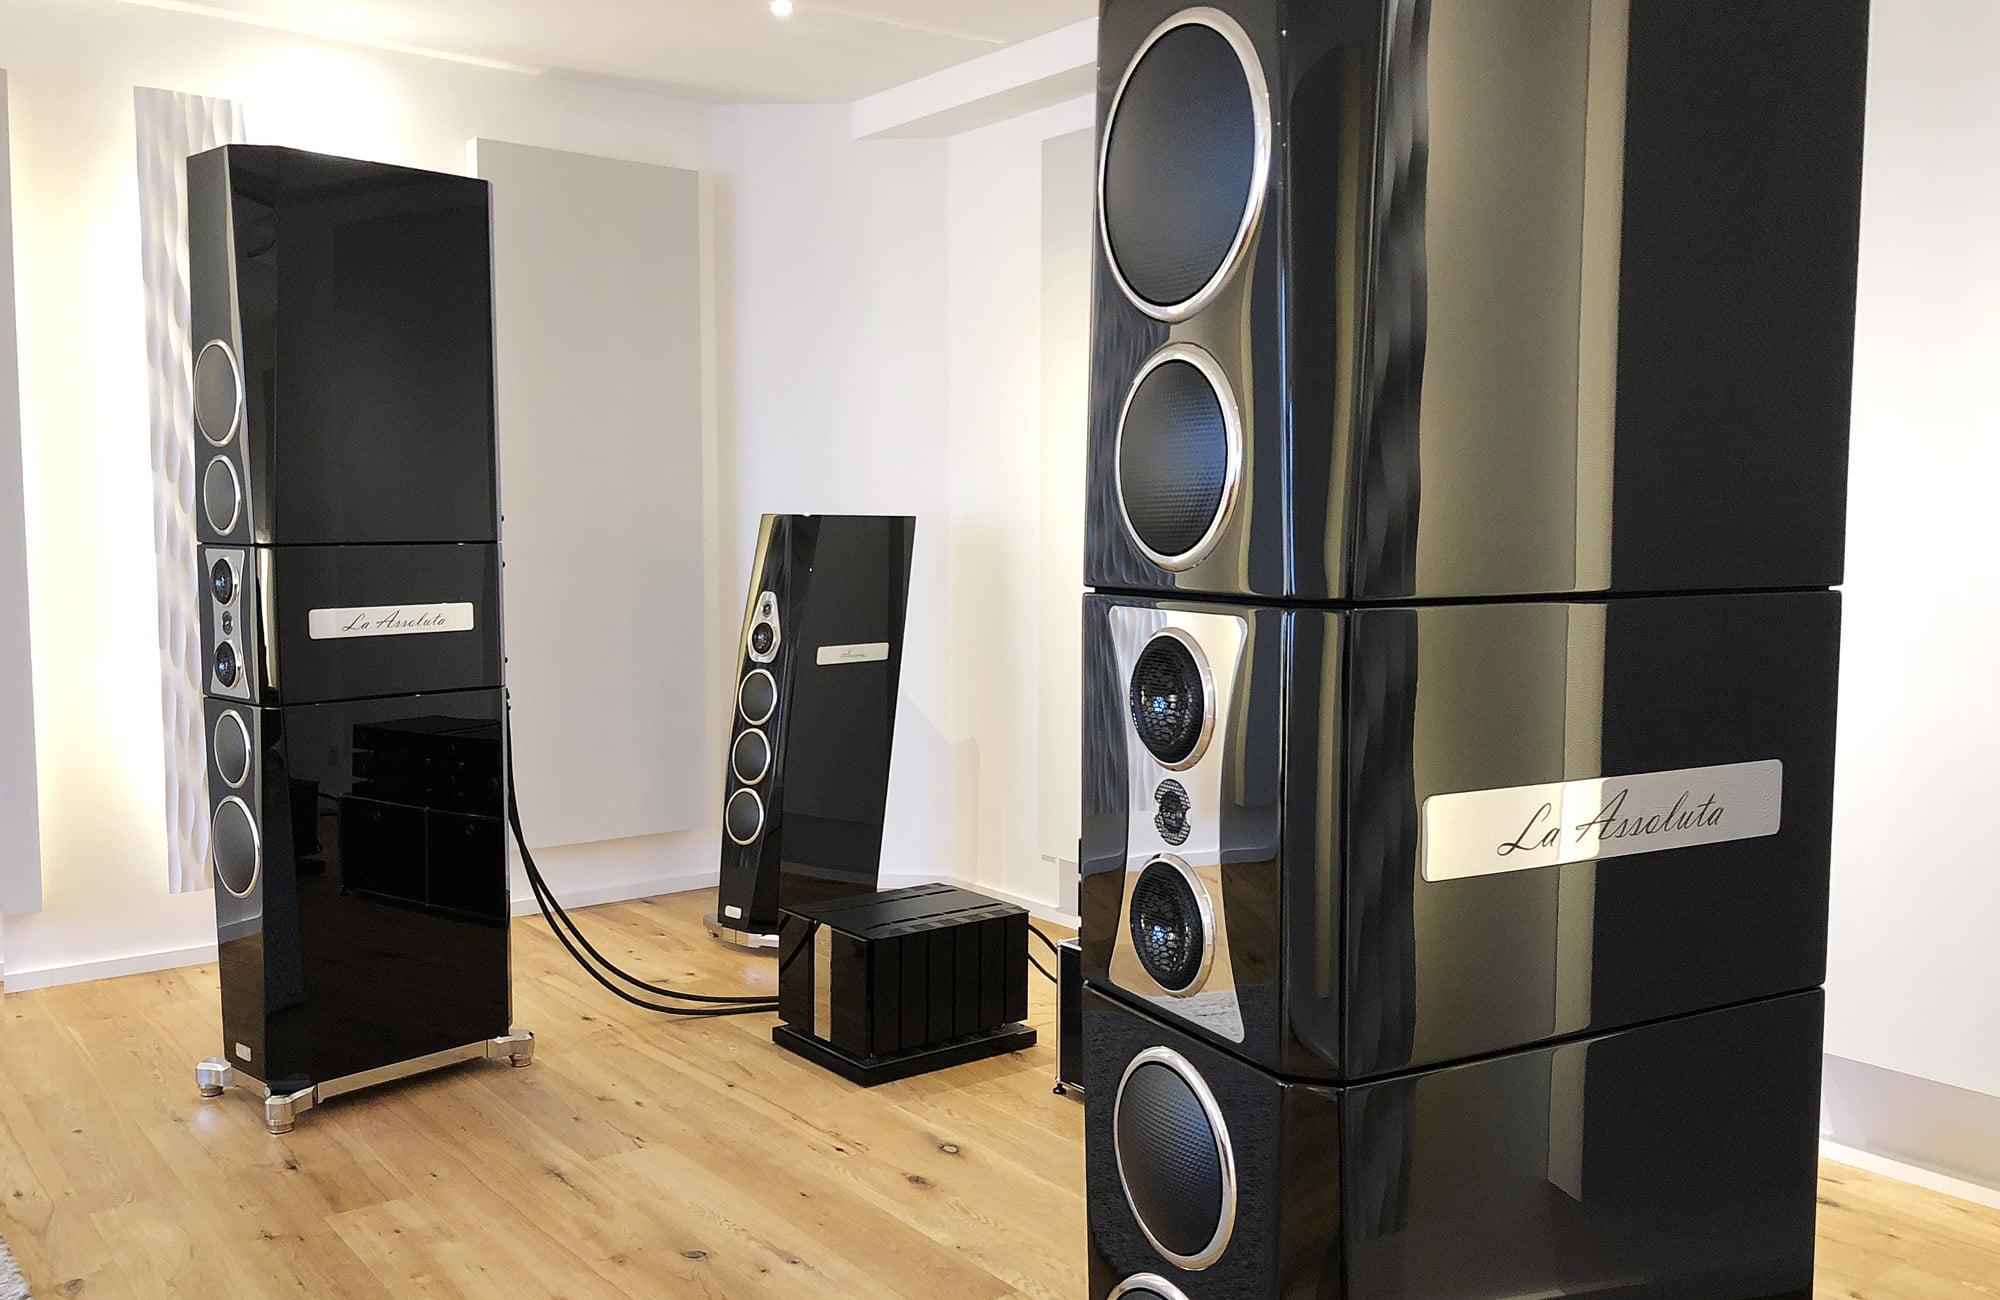 Tidal Audio factory visit